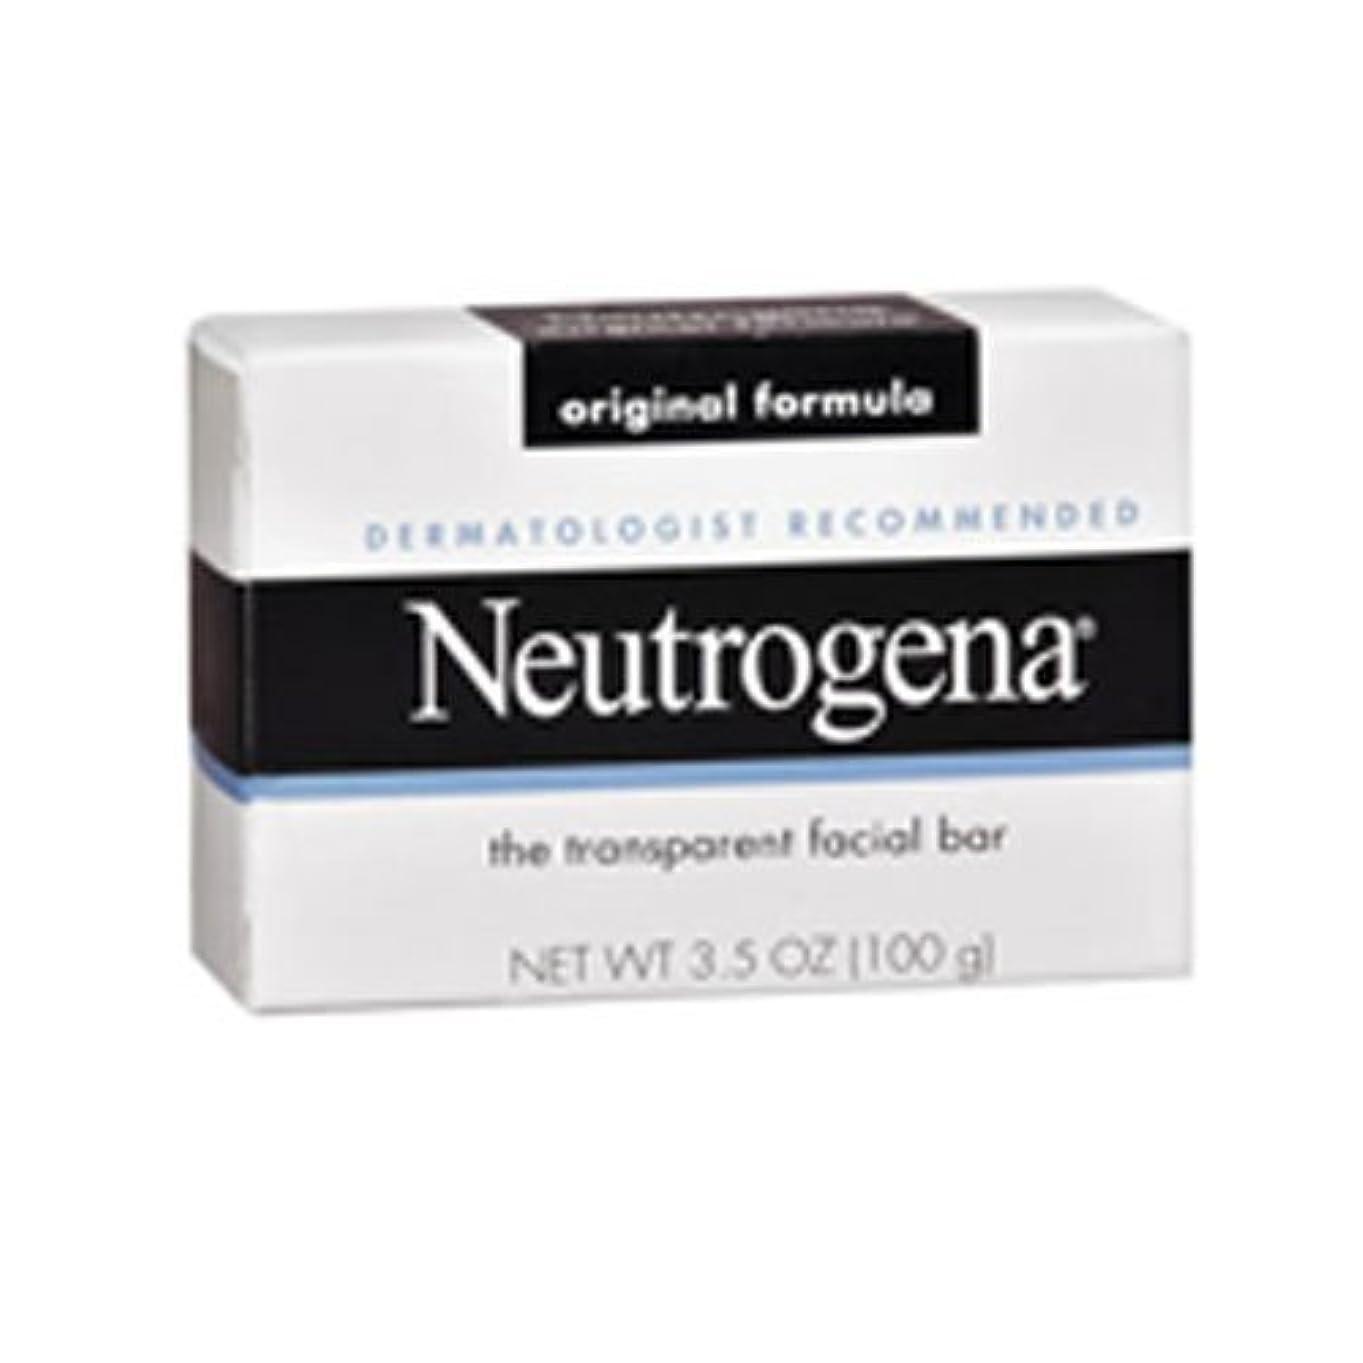 ポンプ浅い反逆者海外直送肘 Neutrogena Transparent Facial Soap Bar, 3.5 oz